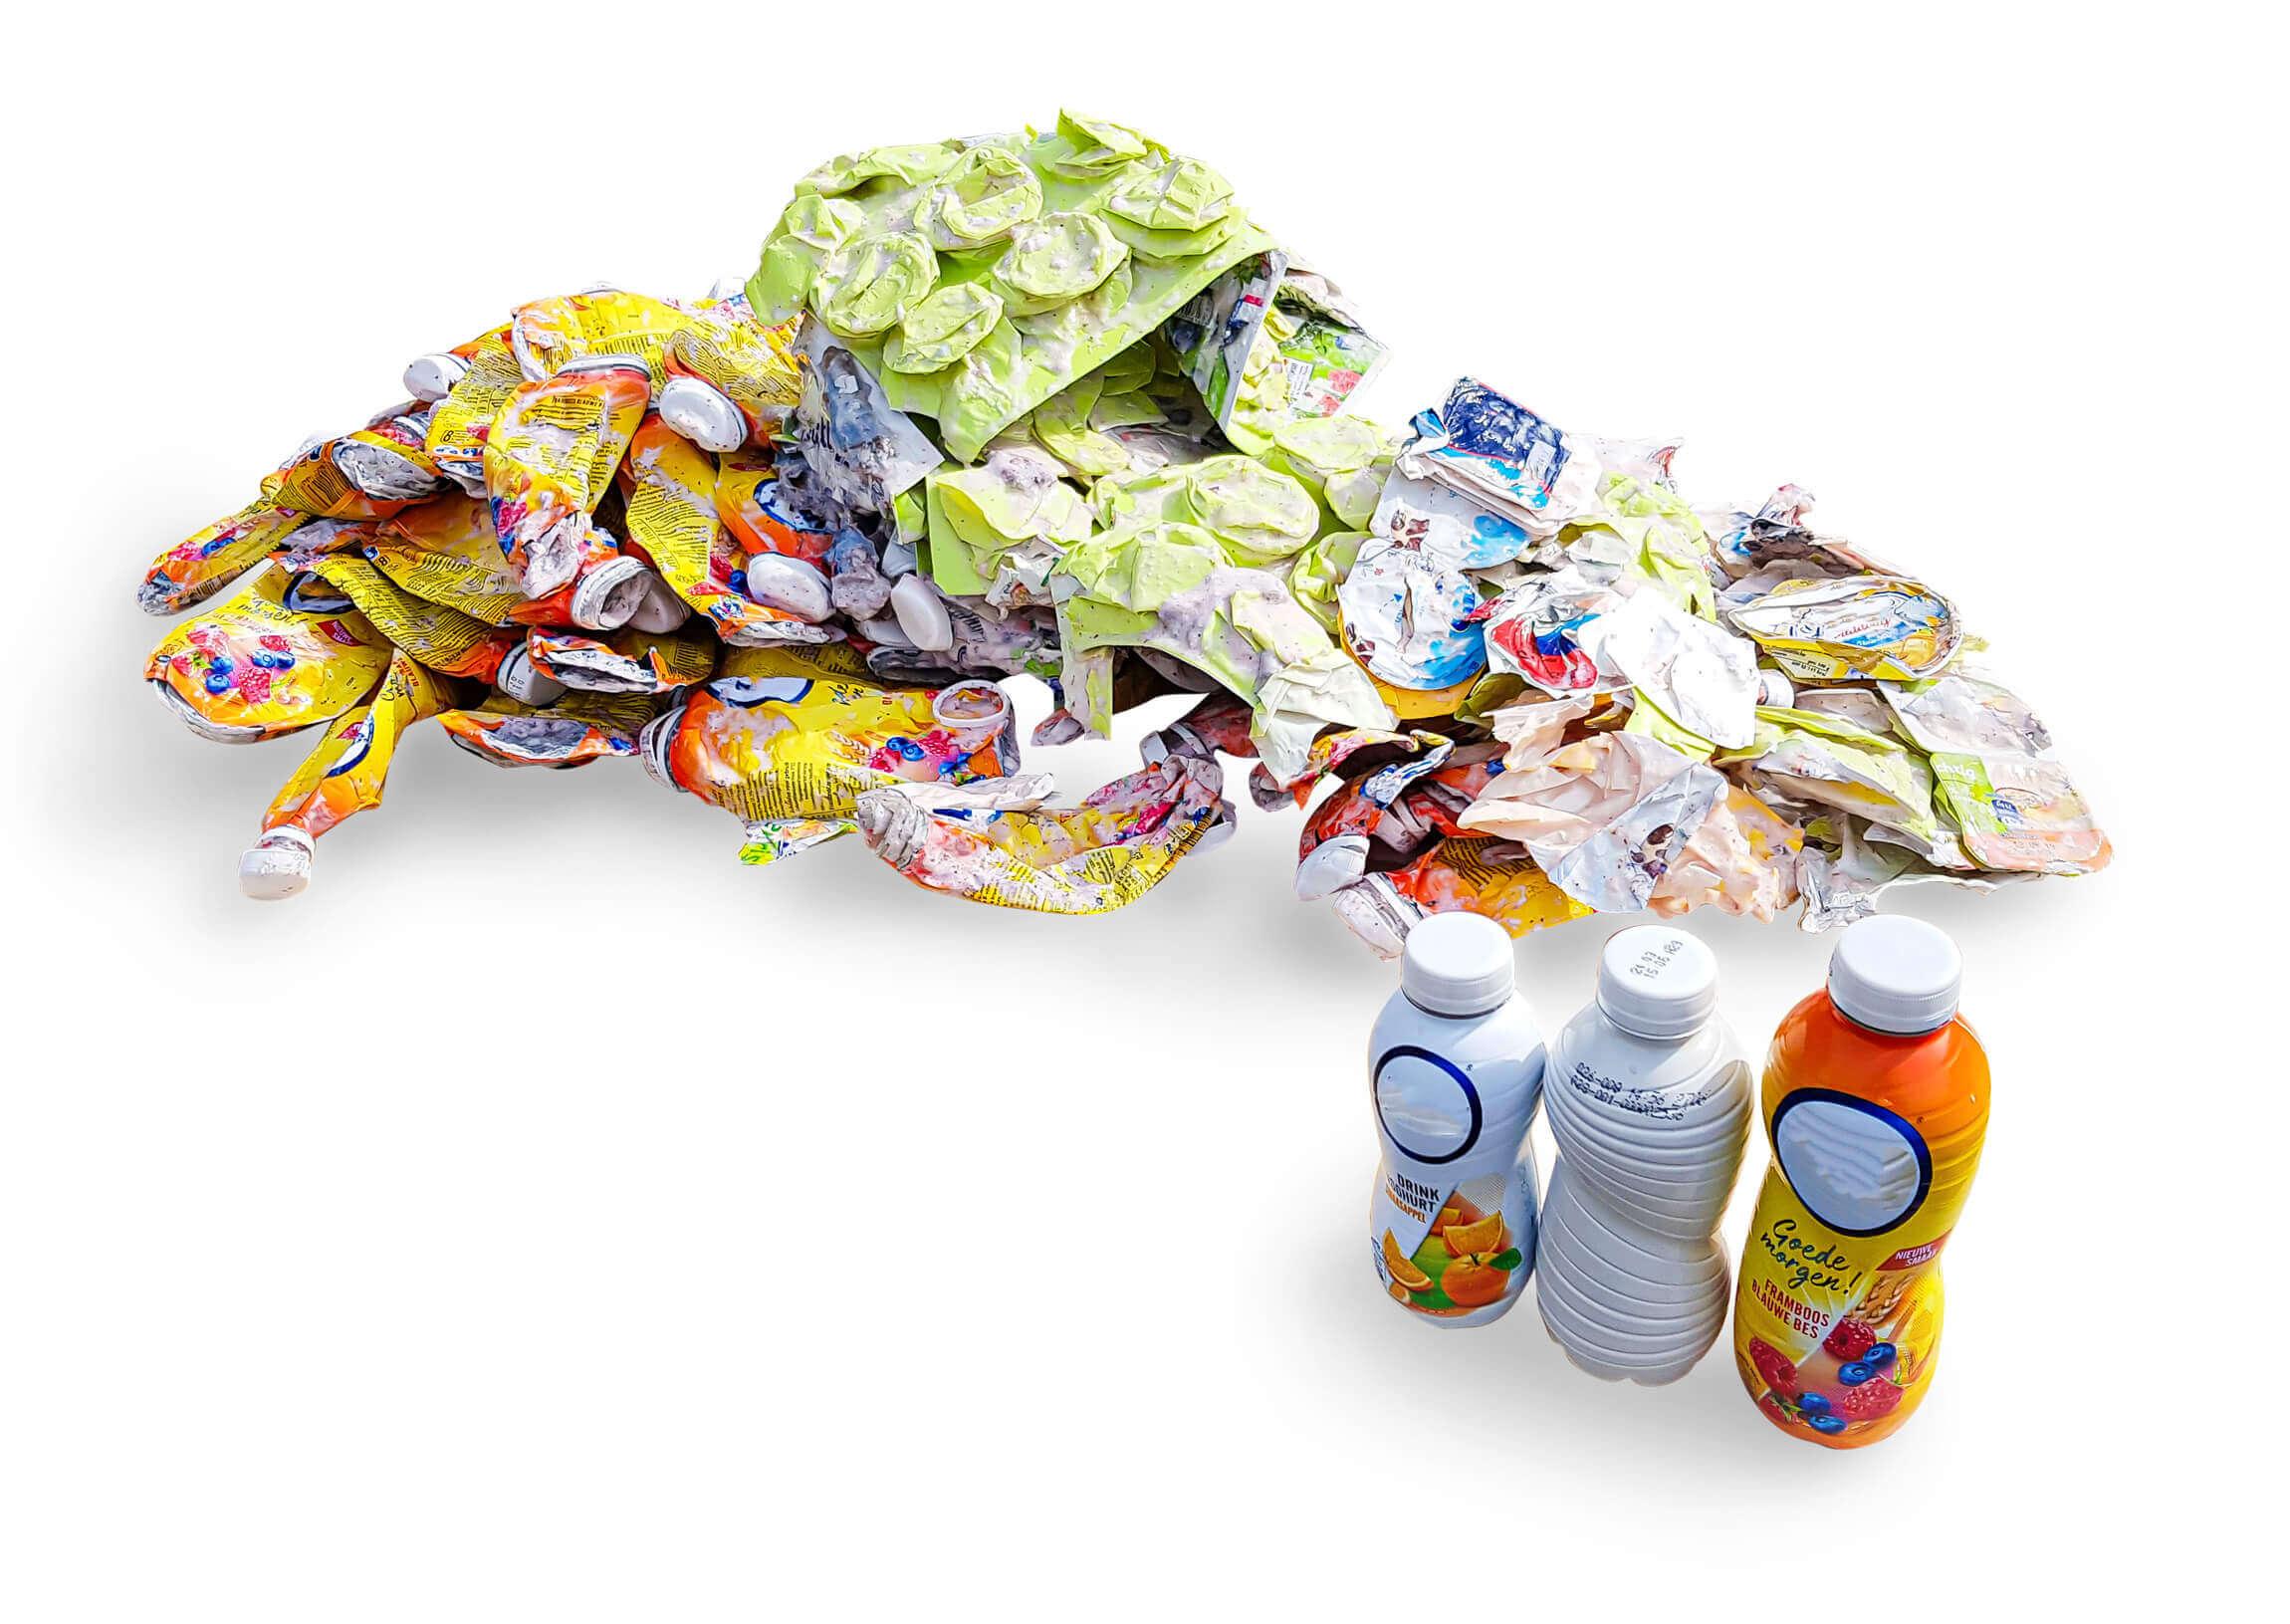 Verpresste Plastikflaschen